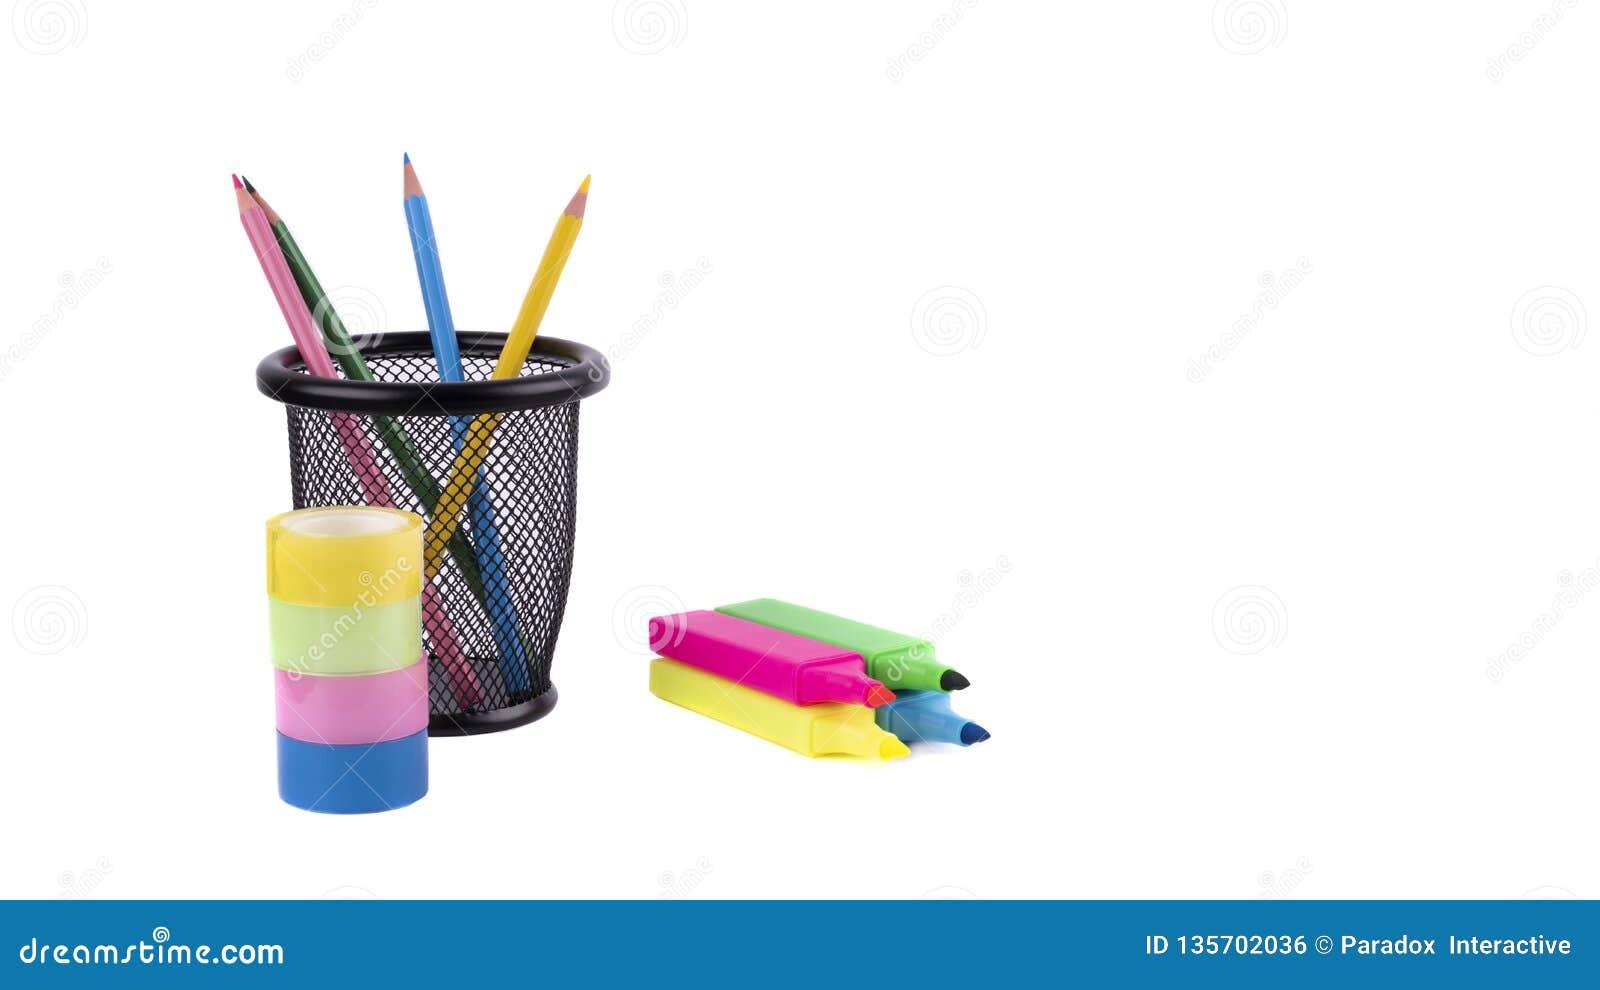 Χρωματισμένα μολύβια σε μια περίπτωση, δείκτες χρωματισμένη ταινία στο άσπρο υπόβαθρο